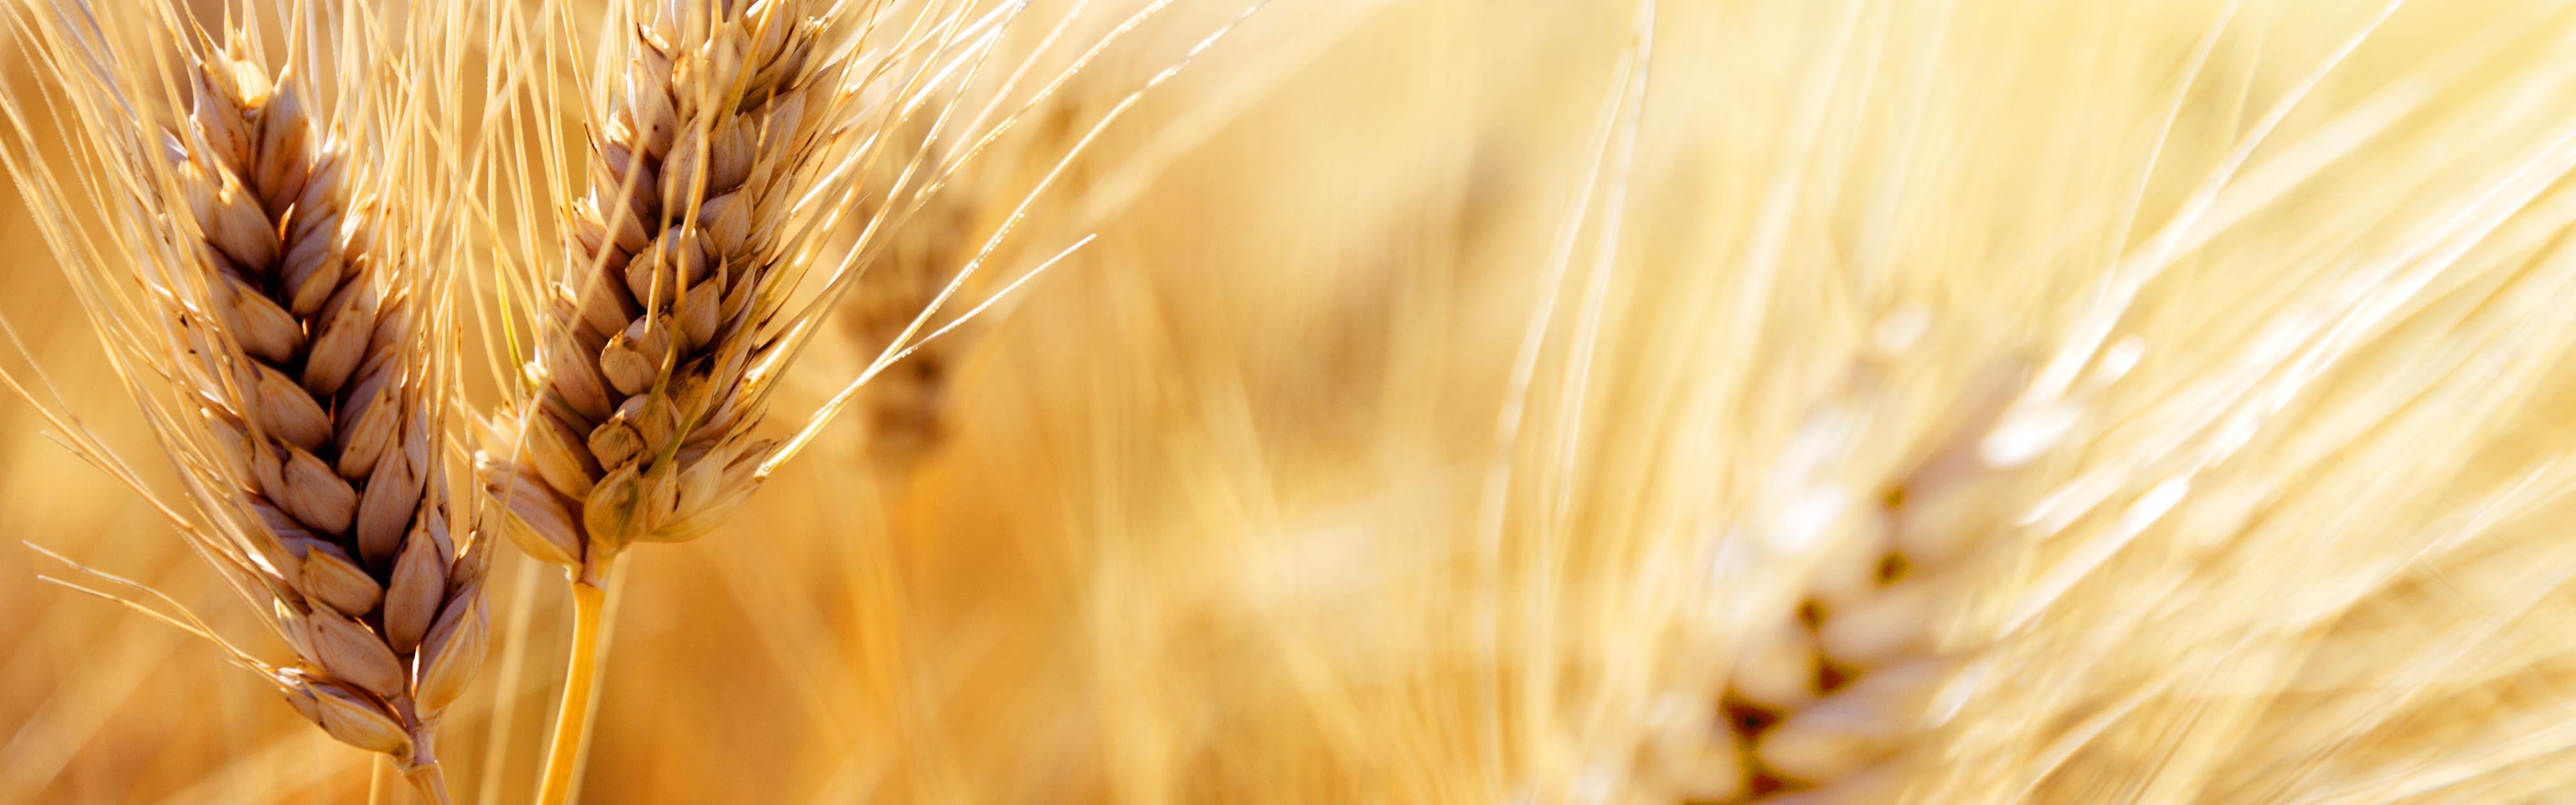 Le meilleur du soleil, du blé, de la terre.